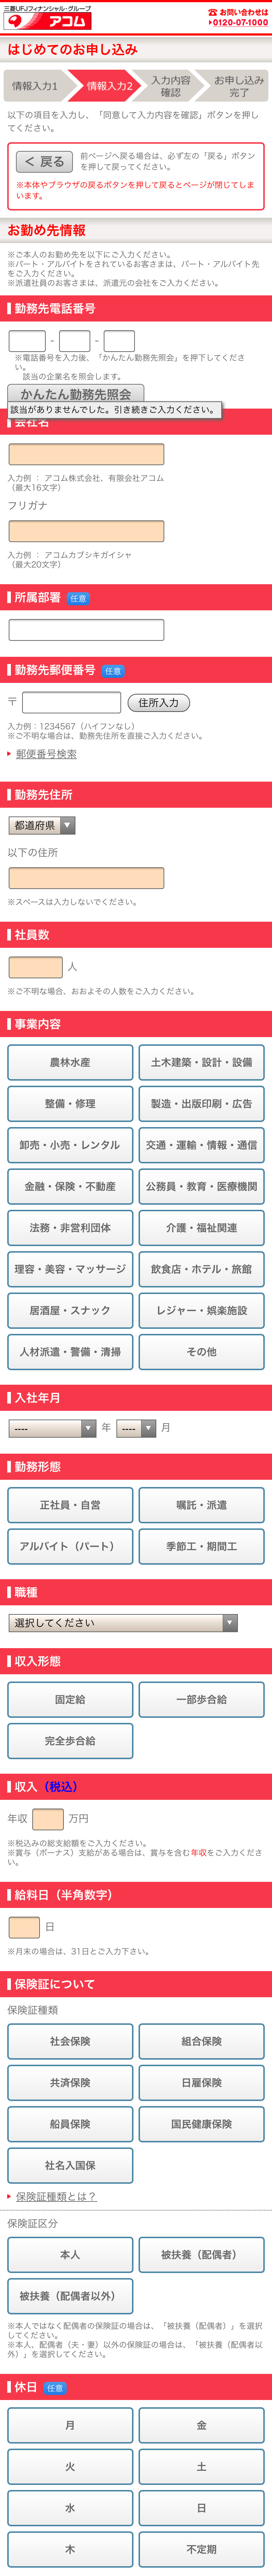 ACマスターカード申込み画面3